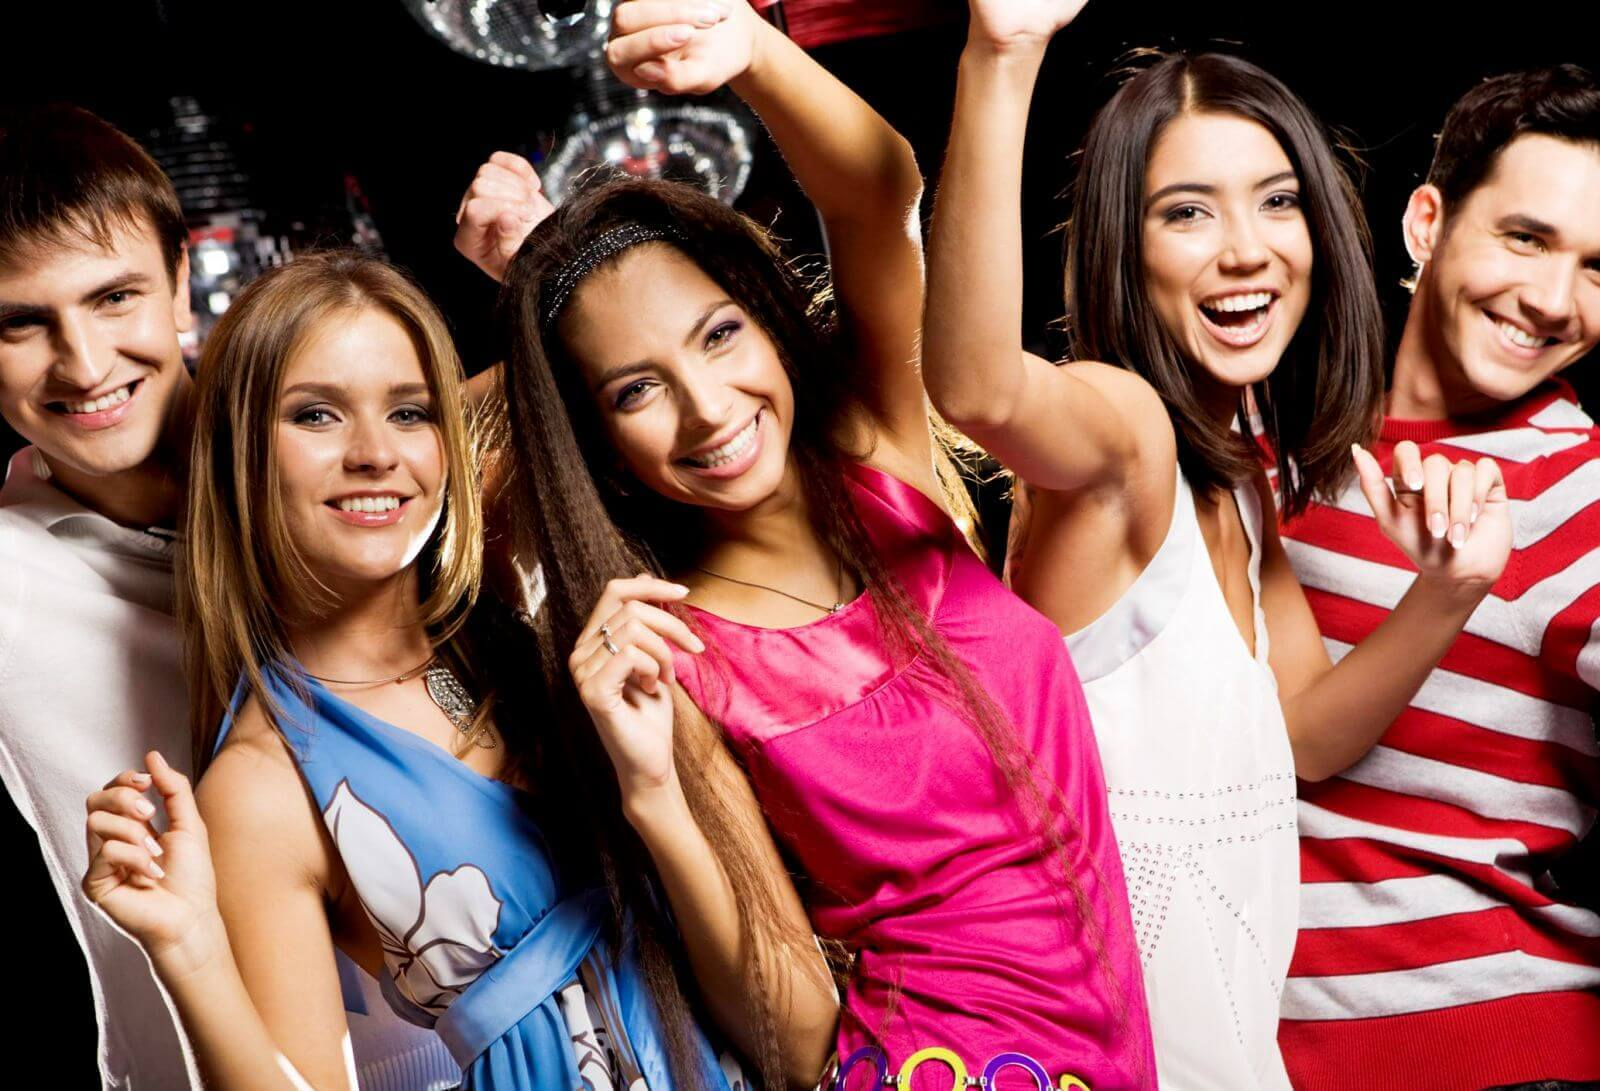 Фото к новости Квест-рум – развлечение для молодежи